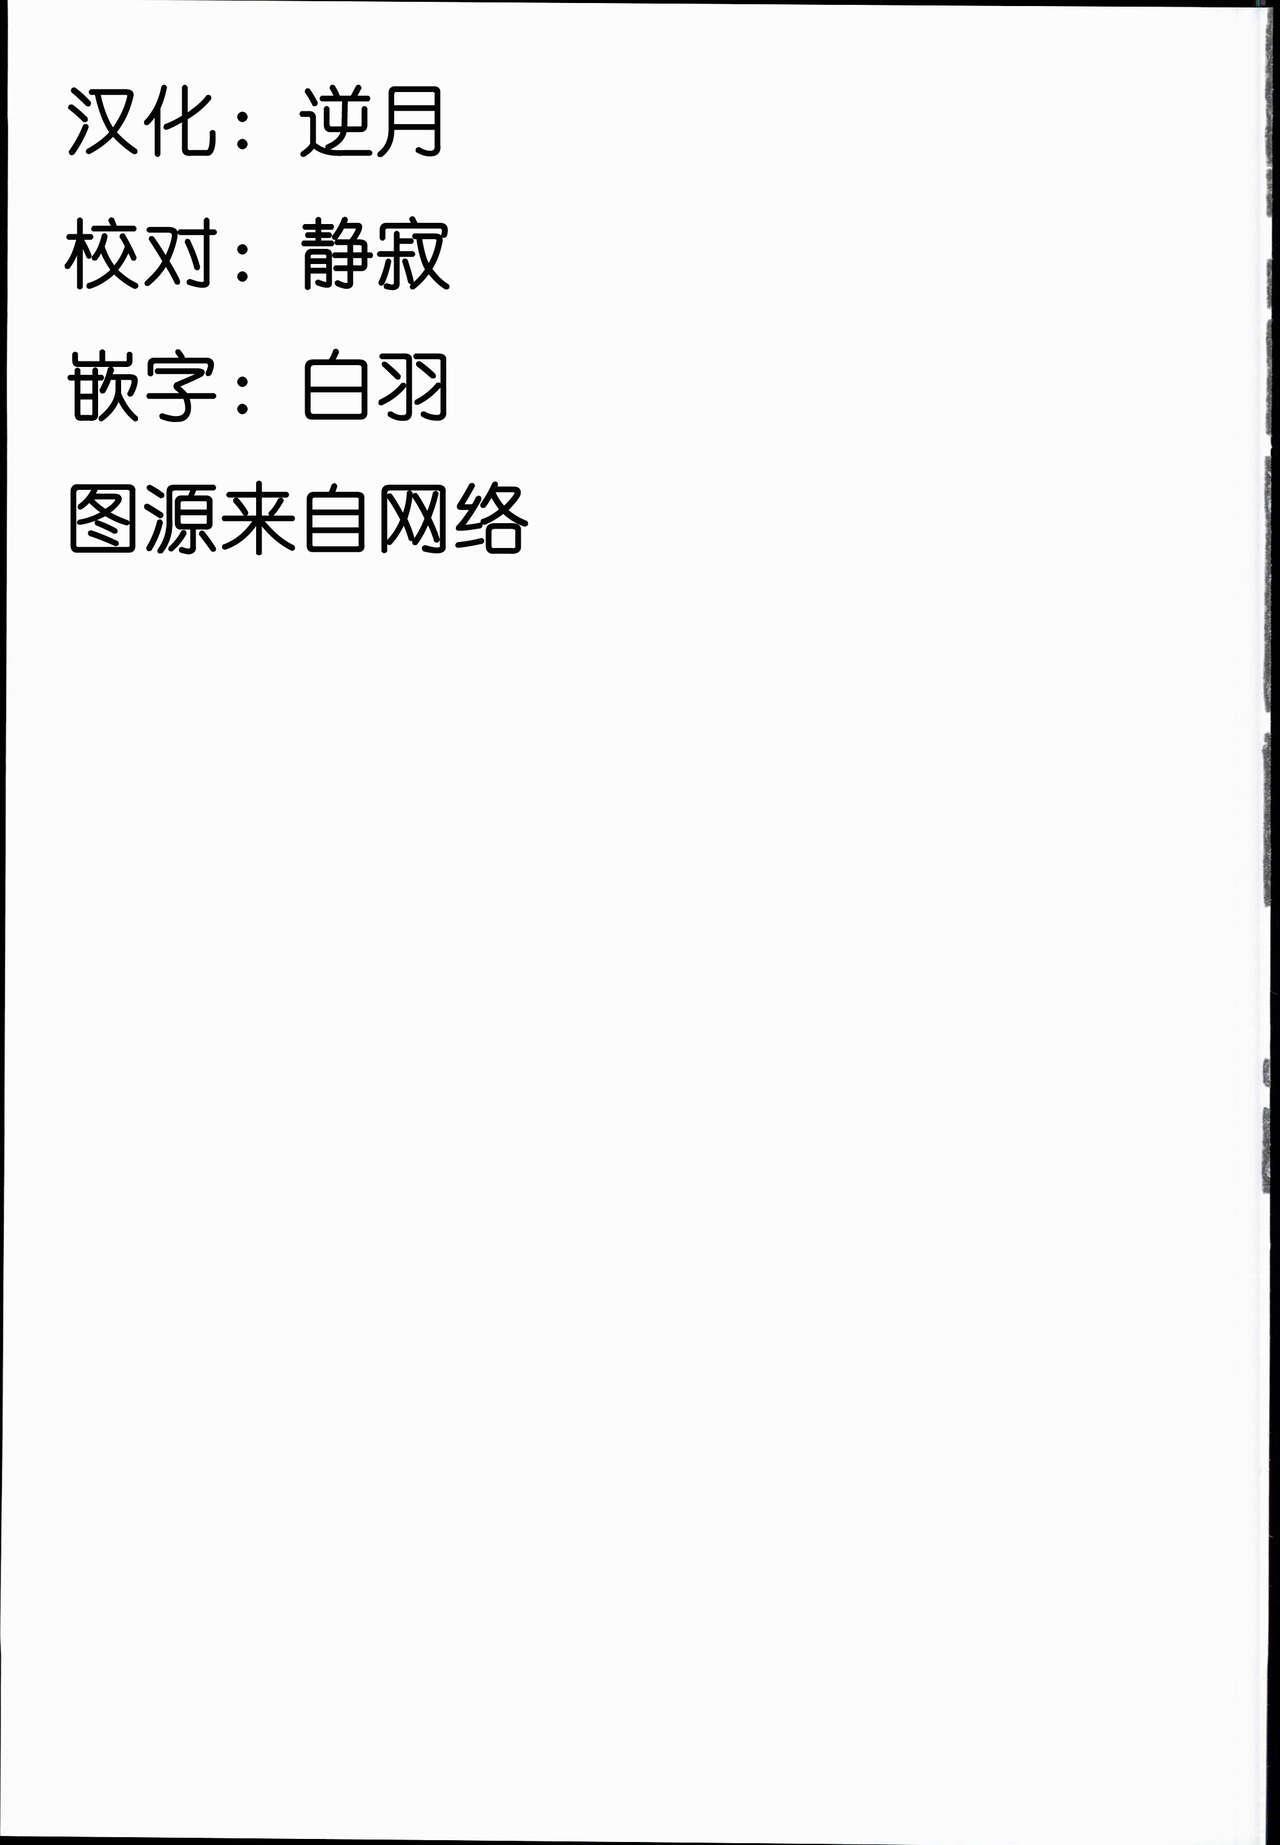 Maria-sama ga Miteru Baishun IX 33